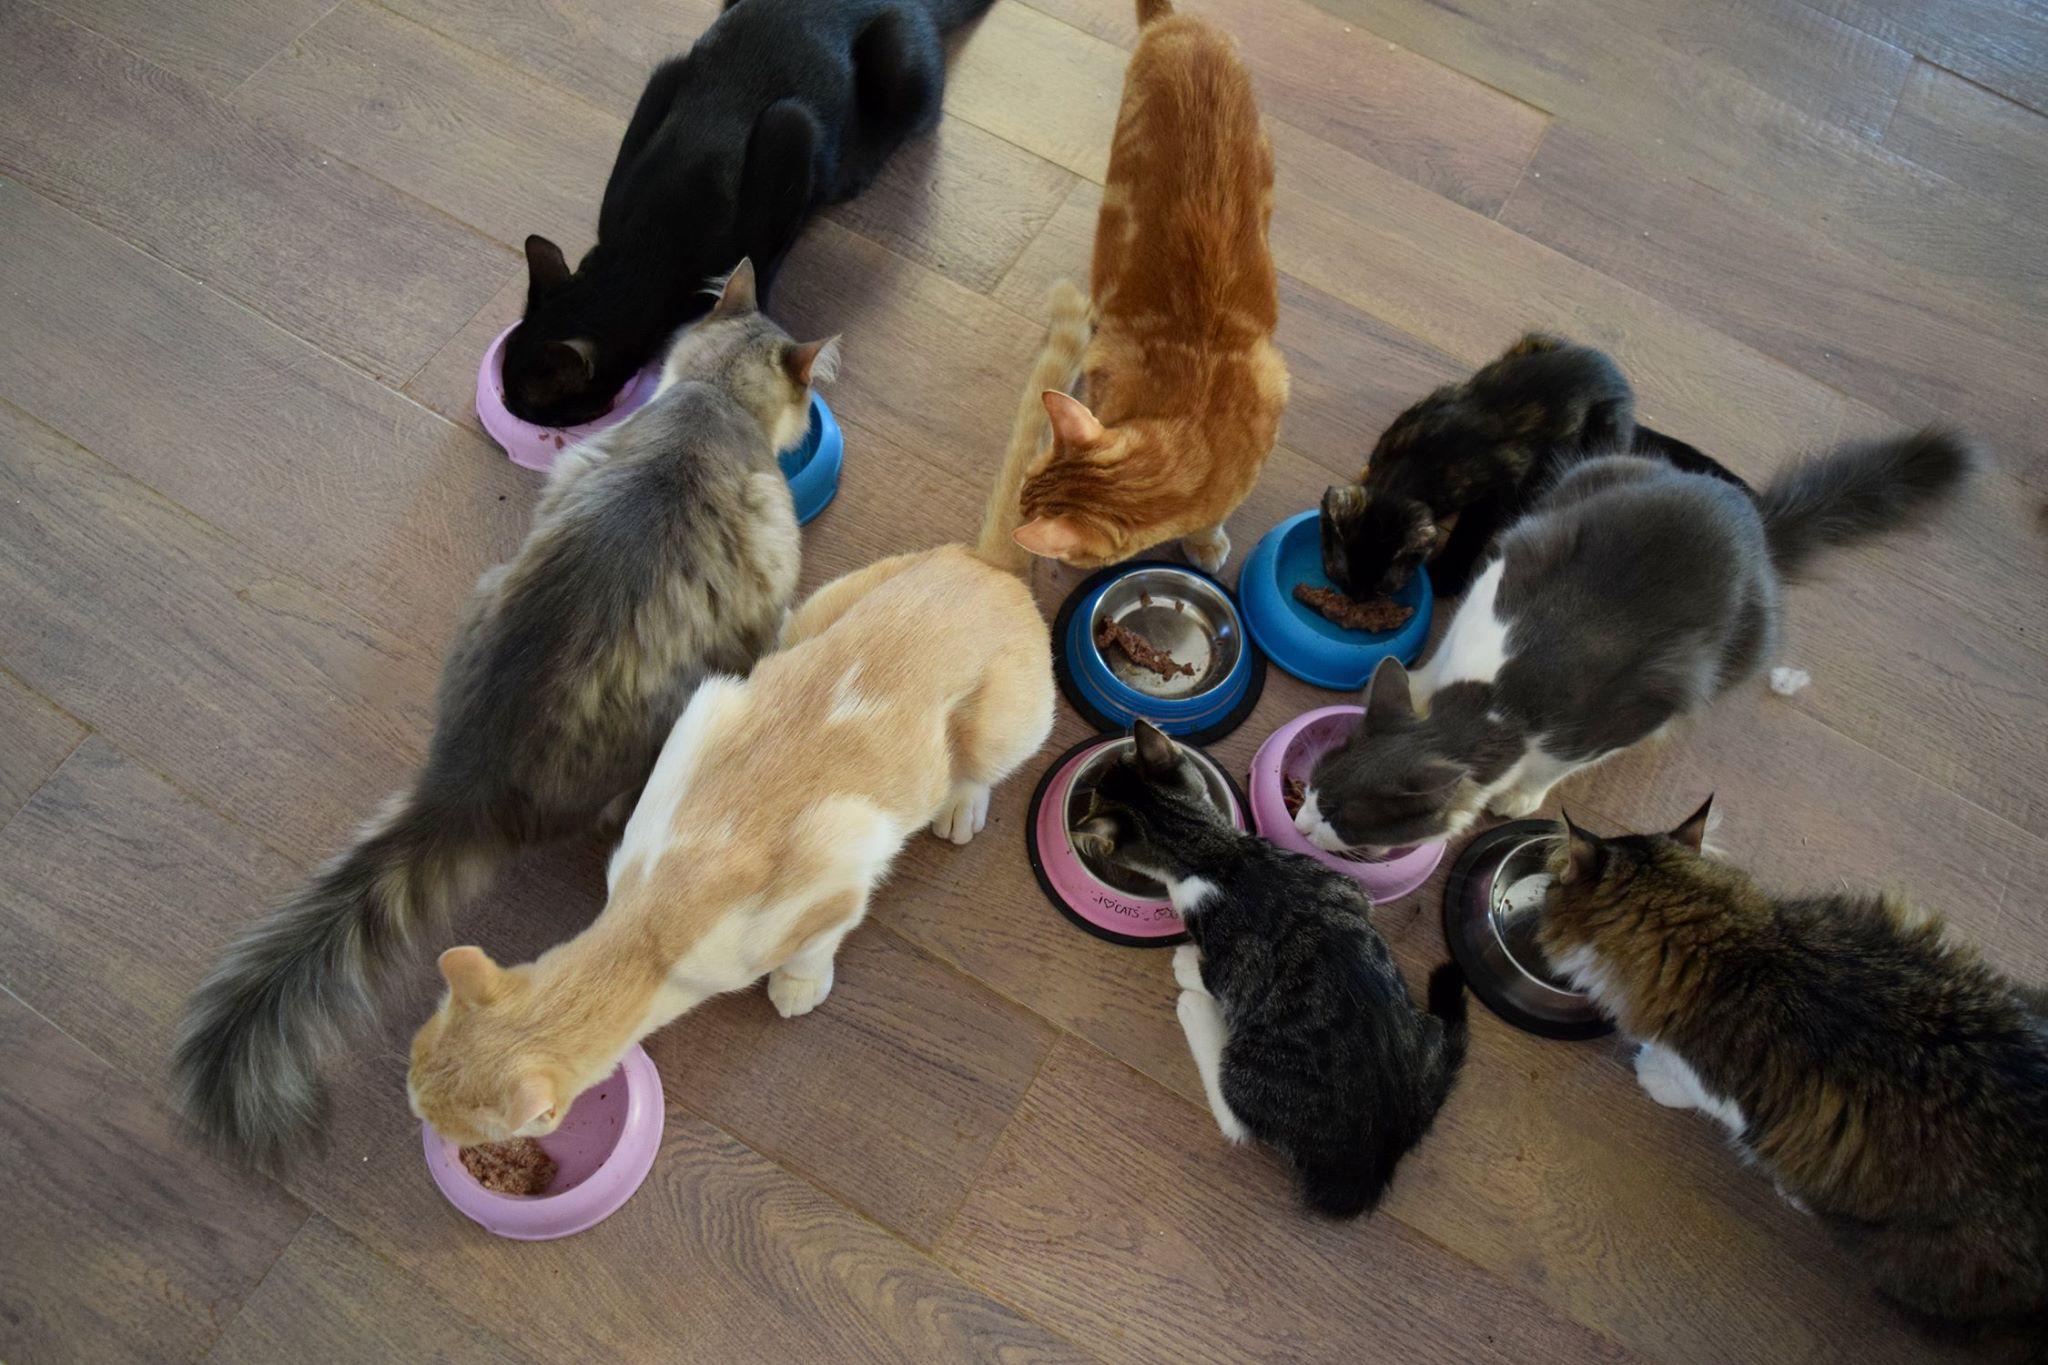 6cf4ef5b5934 Το περιοδικό φιλοξενεί την είδηση ότι ιδιωτικό καταφύγιο για γάτες στο ελληνικό  νησί ψάχνει κάποιον για δουλειά με μοναδική προϋπόθεση «να νοιάζεται για  τις ...